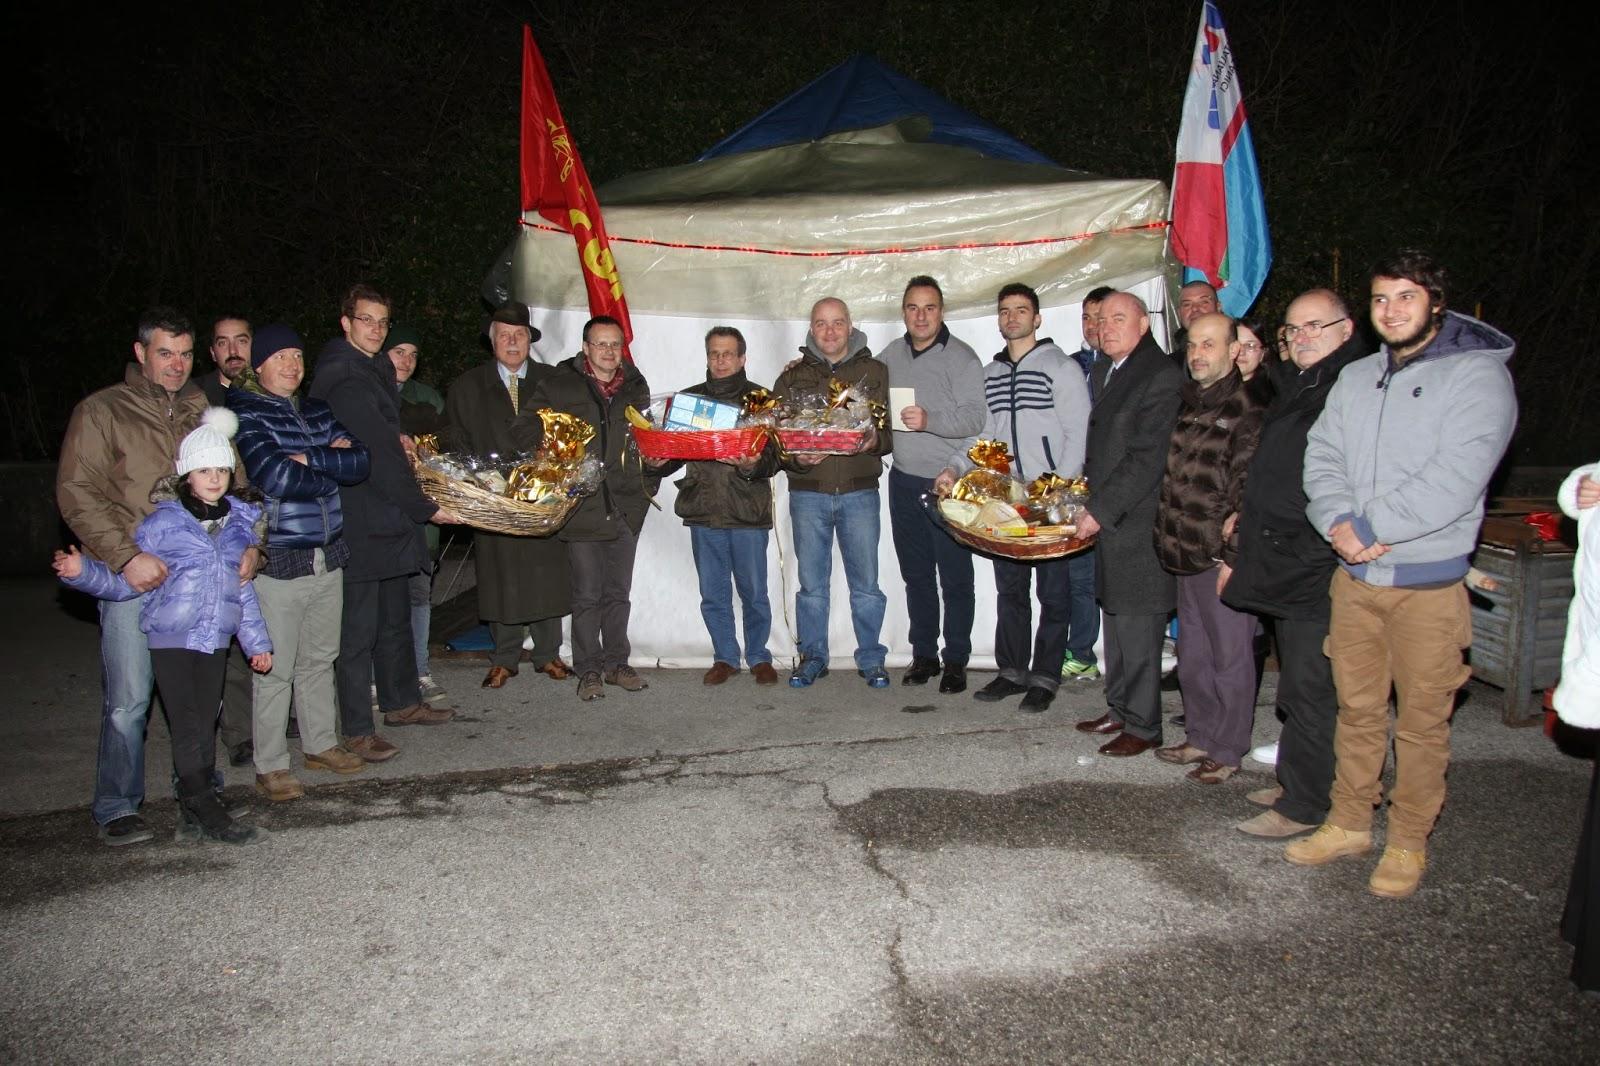 Frighetto Mobili Bassano Del Grappa rafting ivan team: 25 anni con ivan team conclusi in